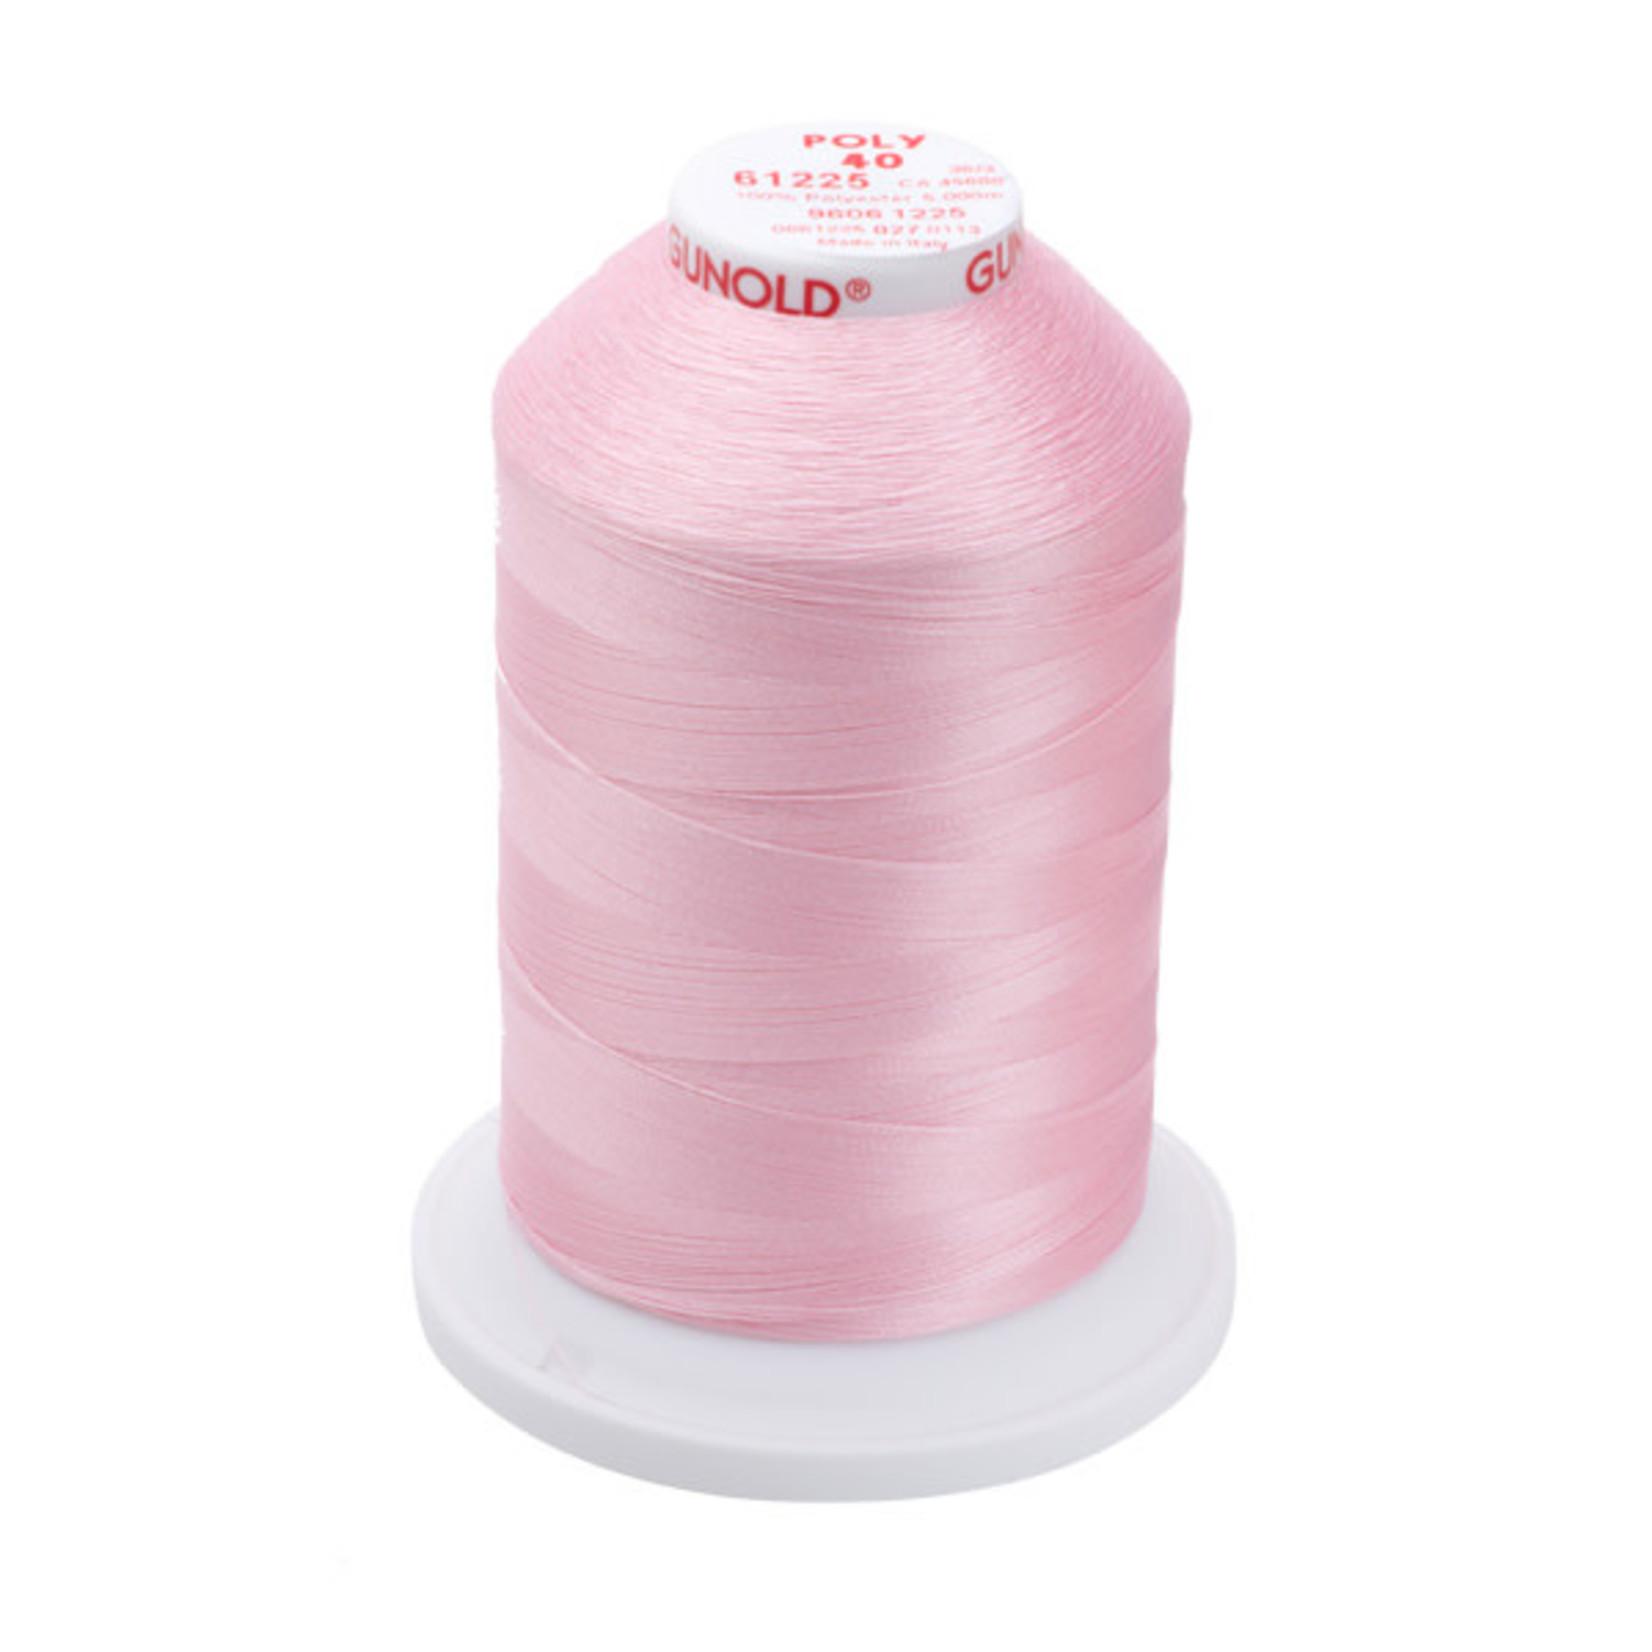 Gunold Poly 40 WT 61225 Pastel Pink 1000m